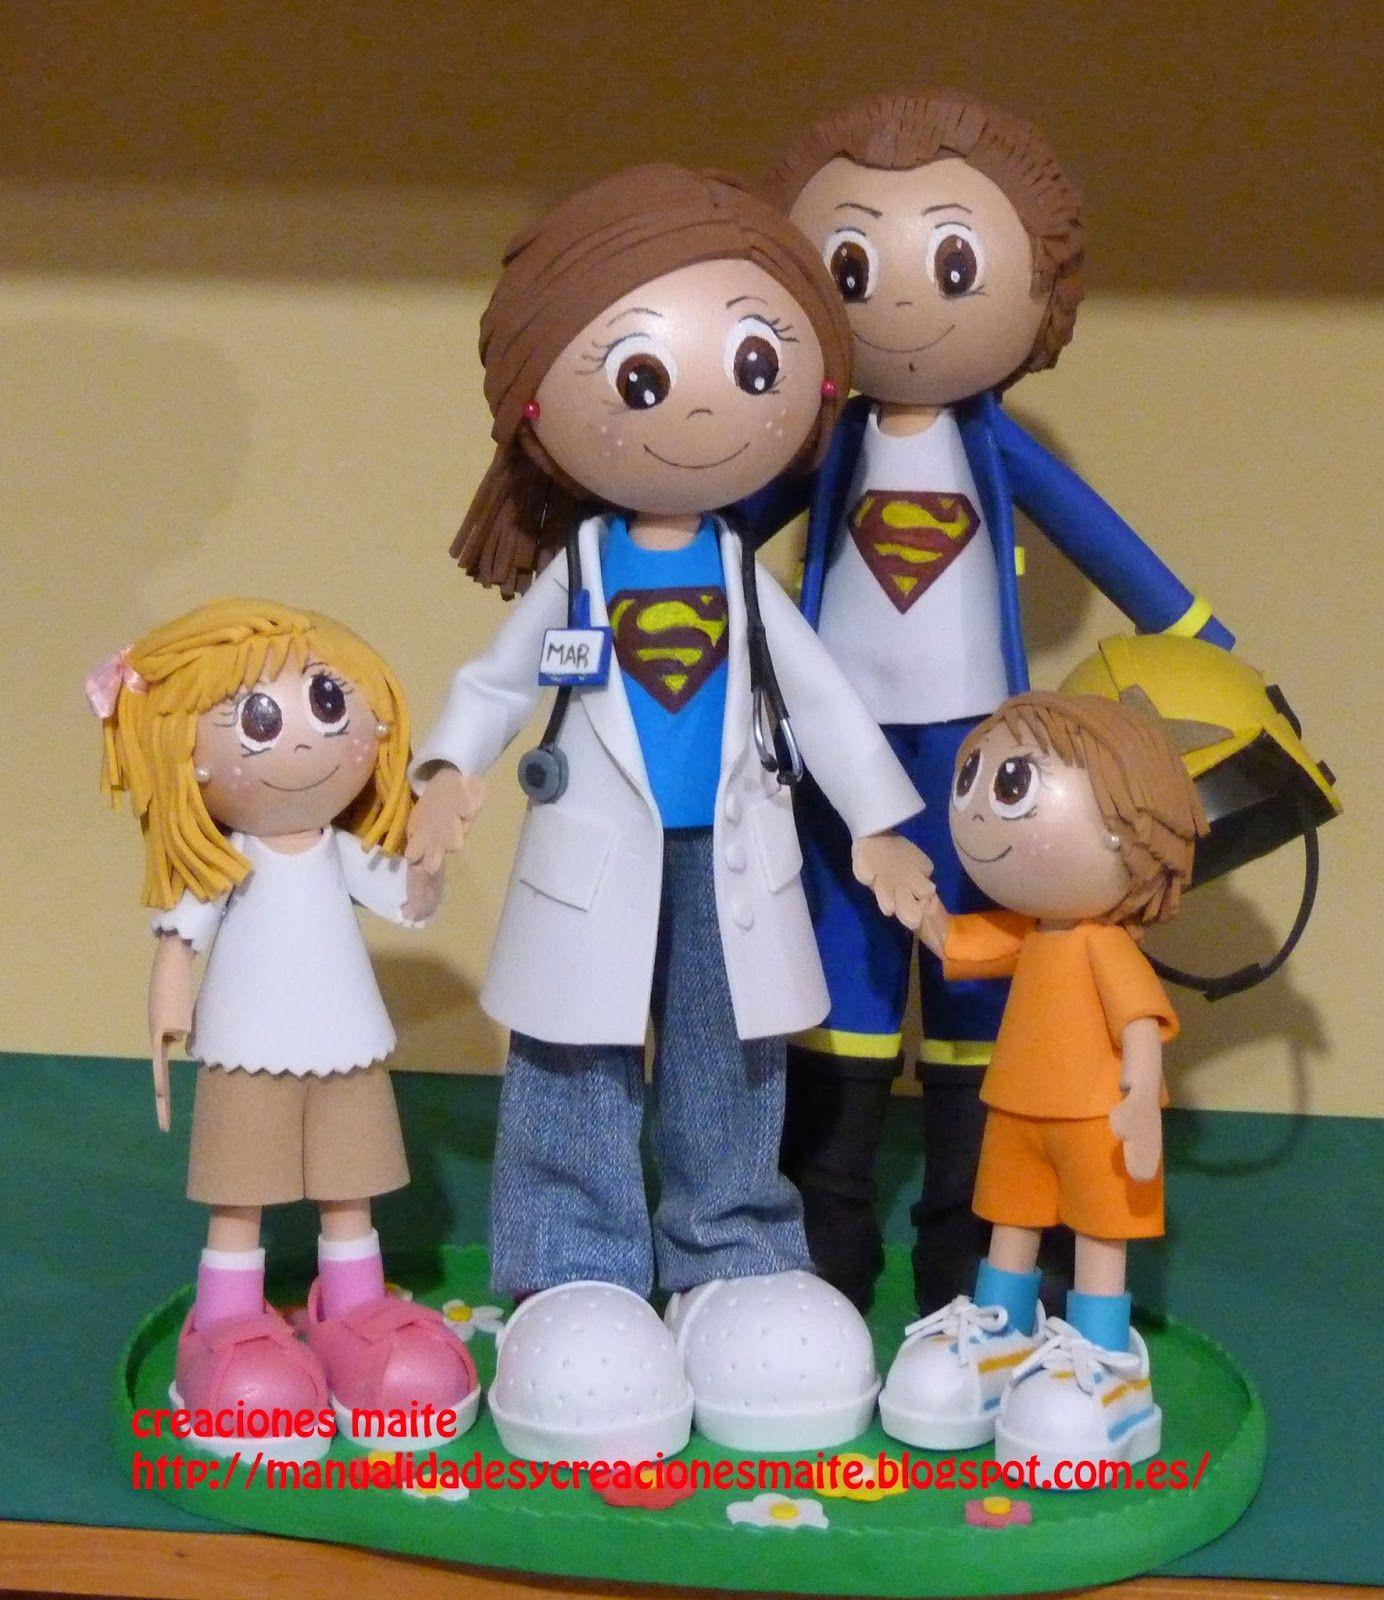 Fofuchas manualidades y creaciones maite familia for Manualidades en familia